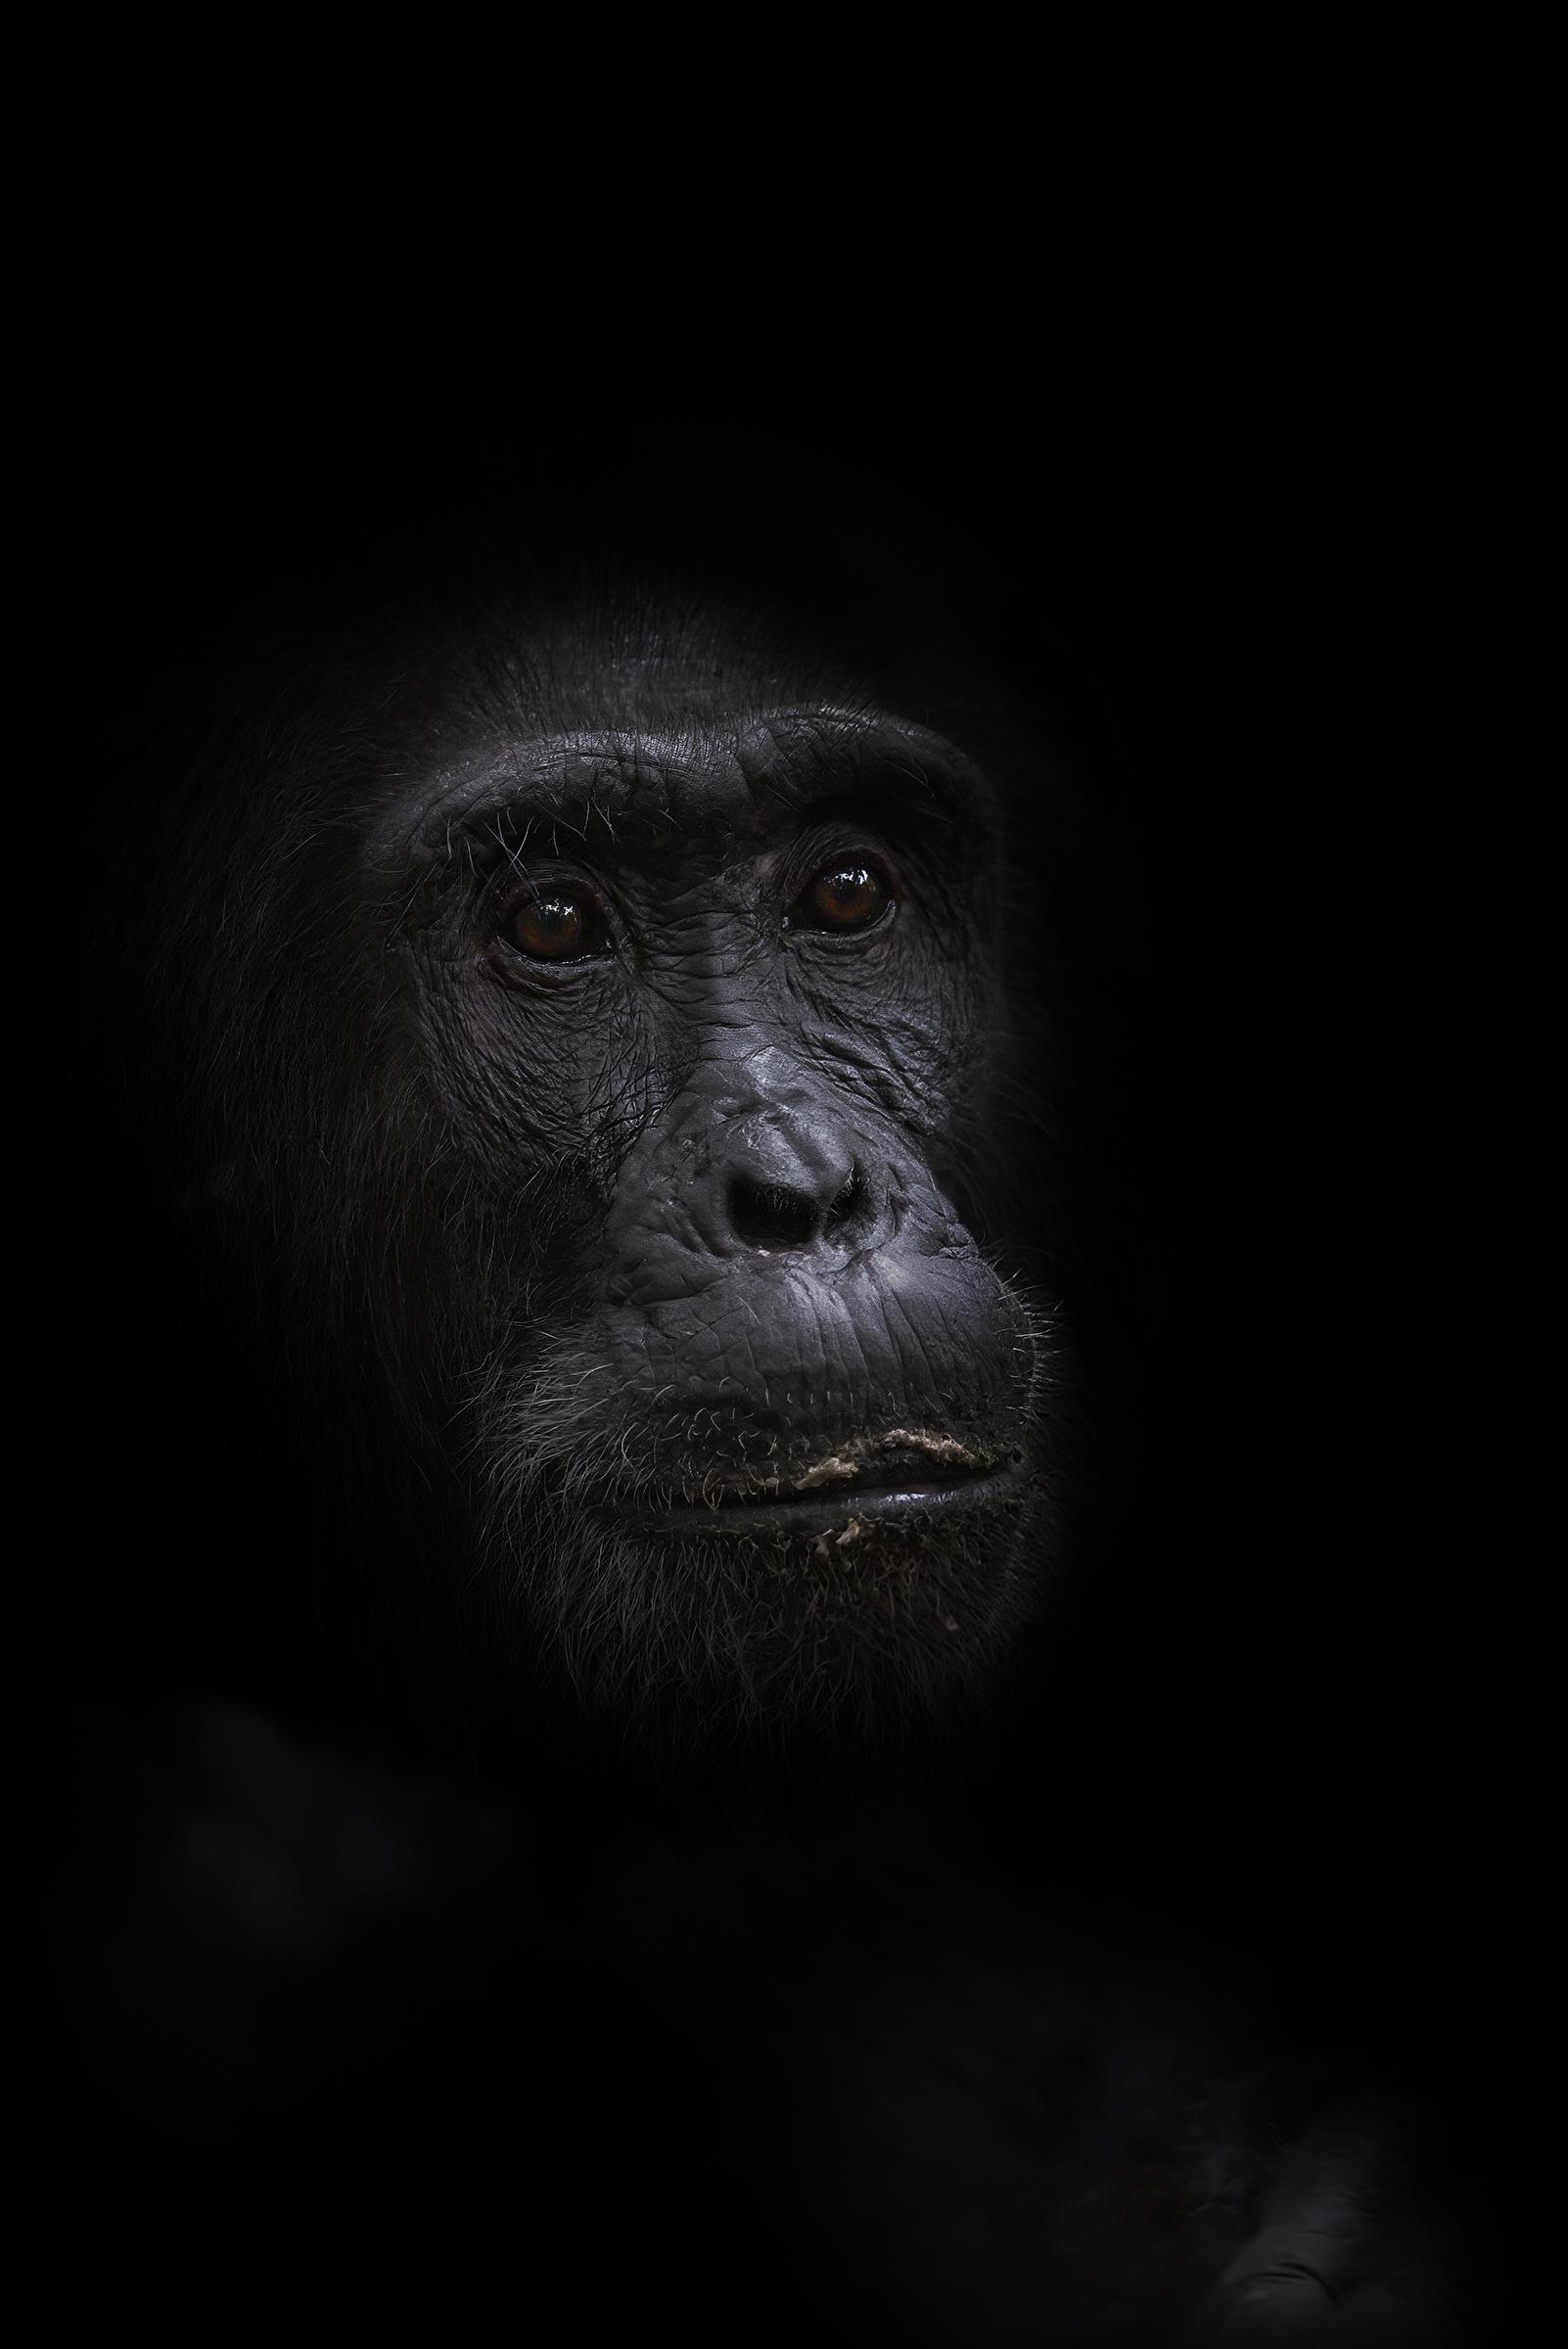 Chimpanzee Soul...